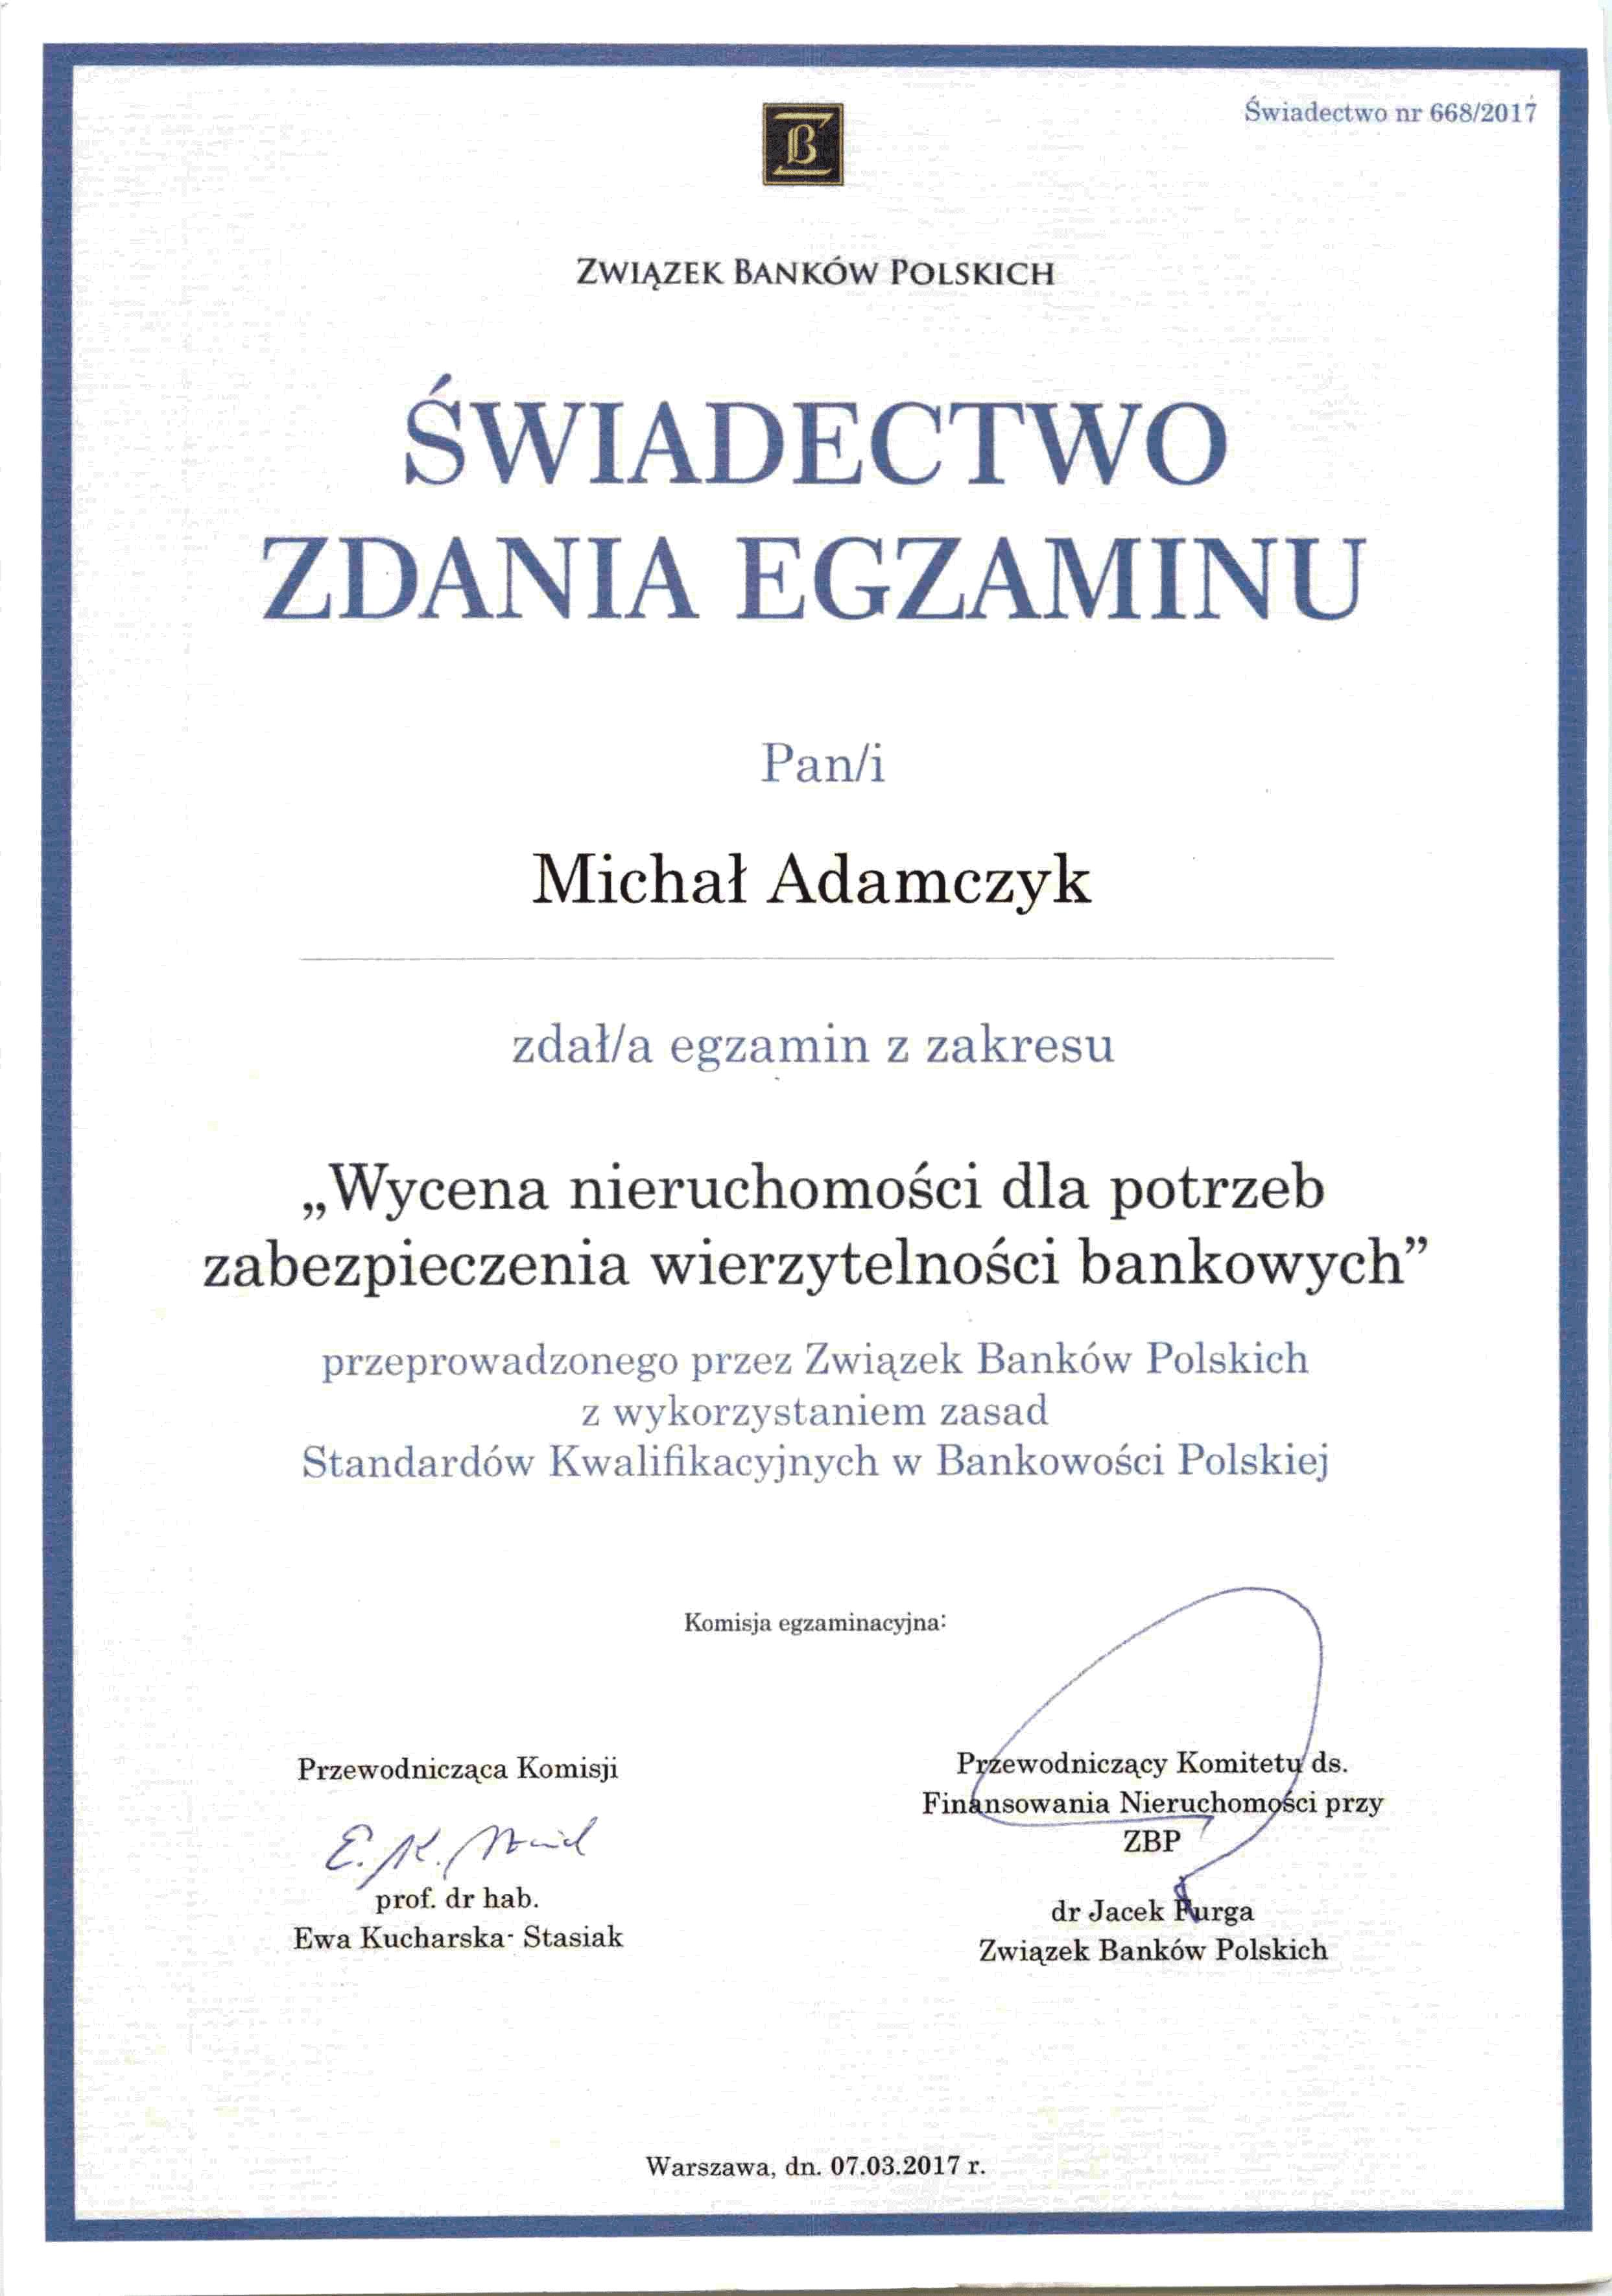 certyfikat bankowy